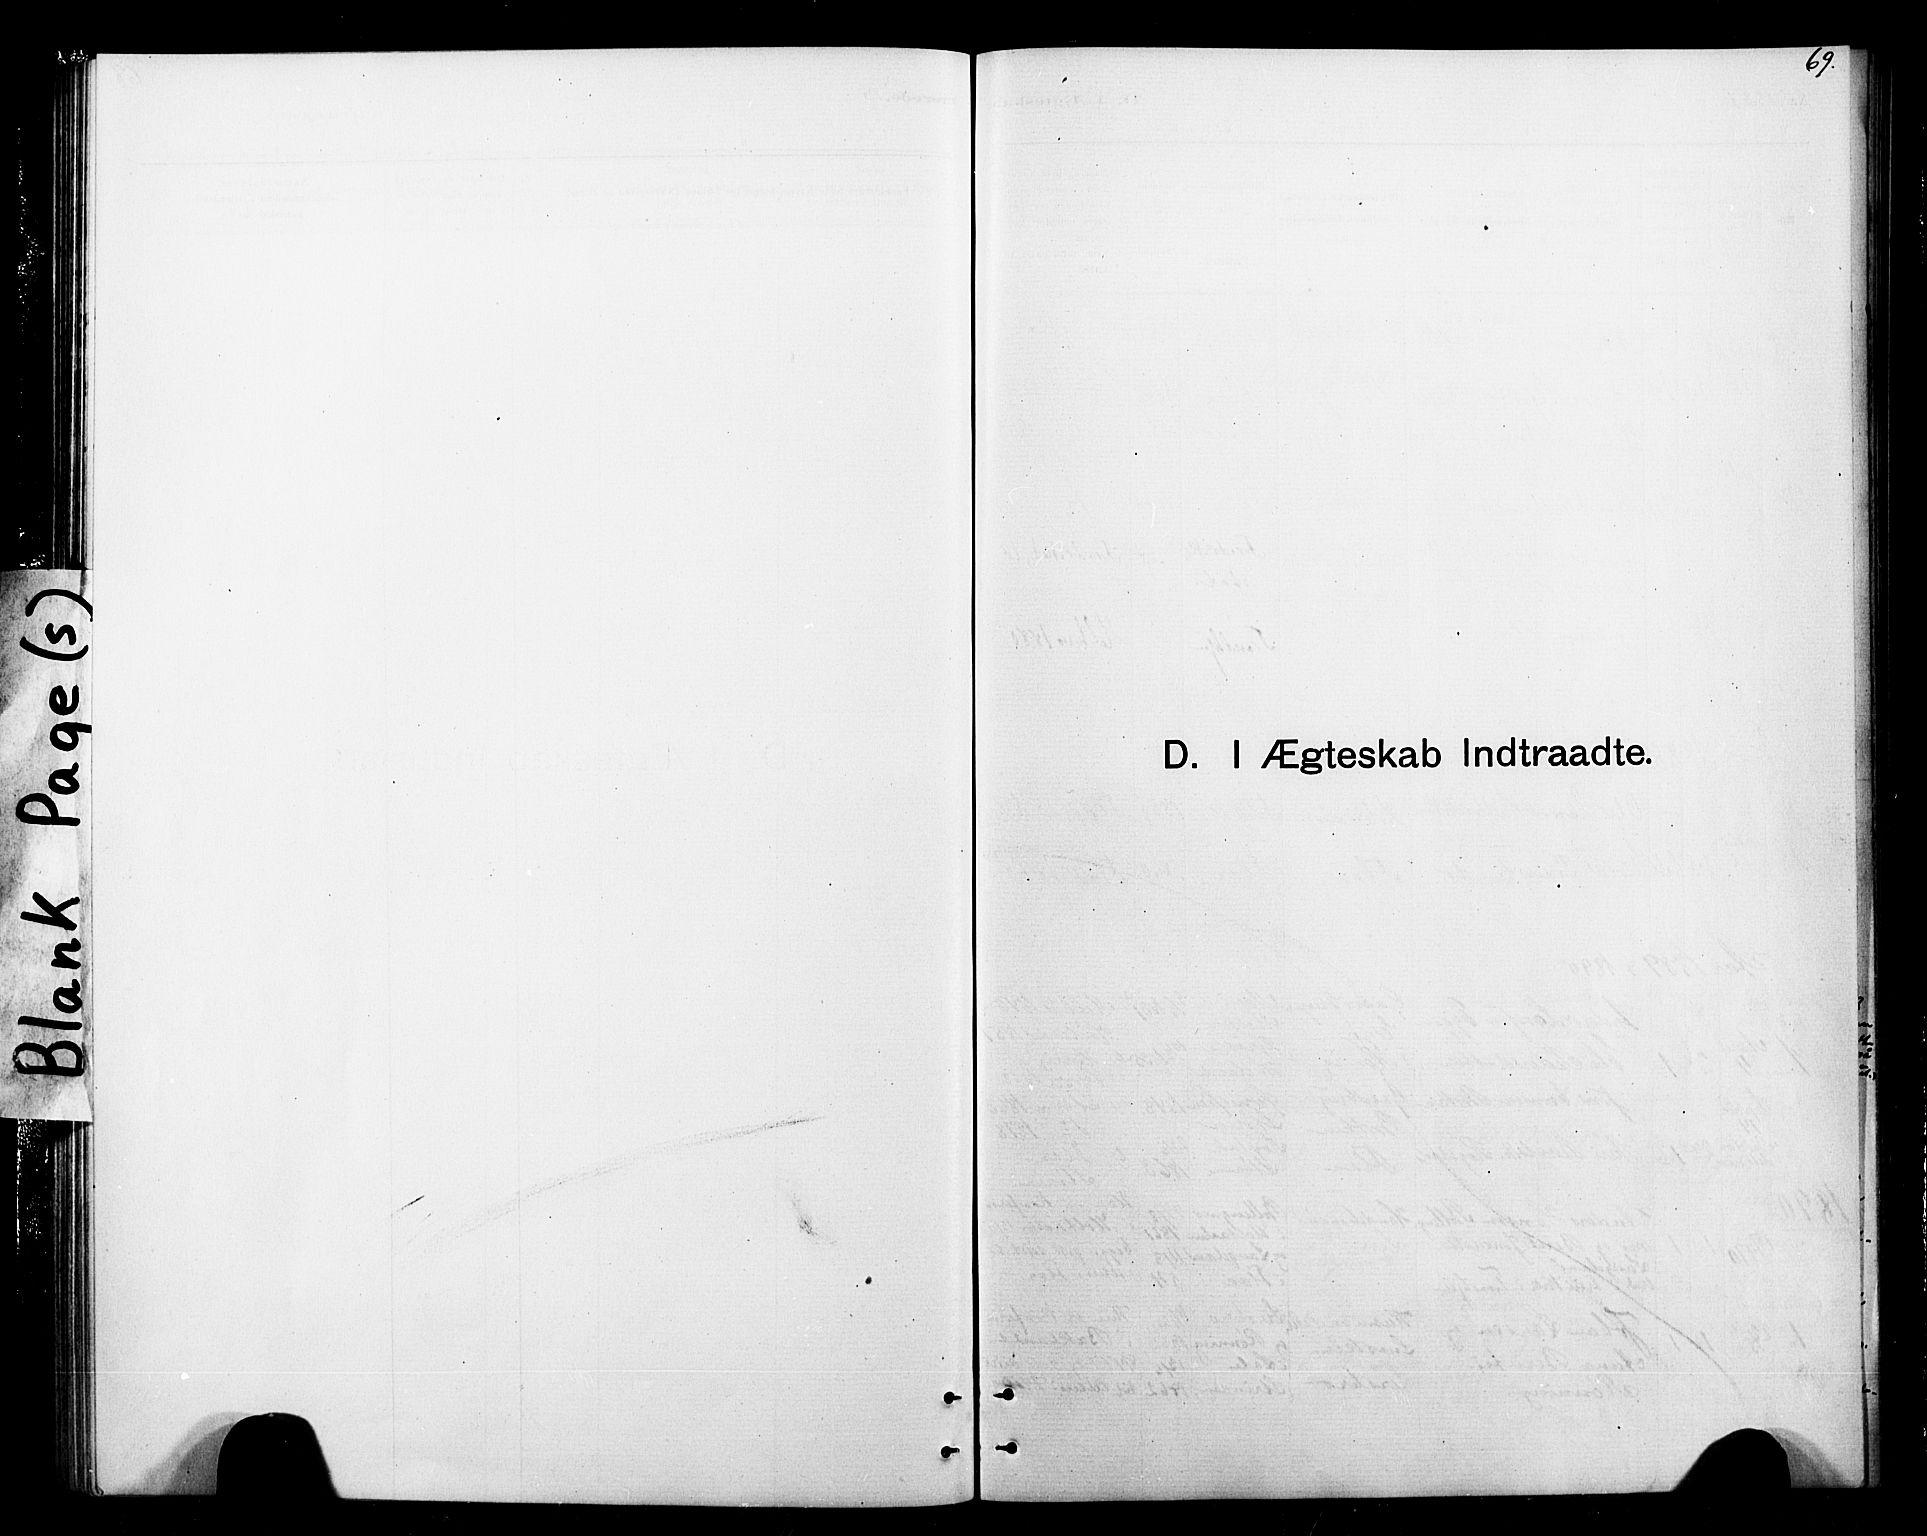 SAT, Ministerialprotokoller, klokkerbøker og fødselsregistre - Sør-Trøndelag, 693/L1123: Klokkerbok nr. 693C04, 1887-1910, s. 69